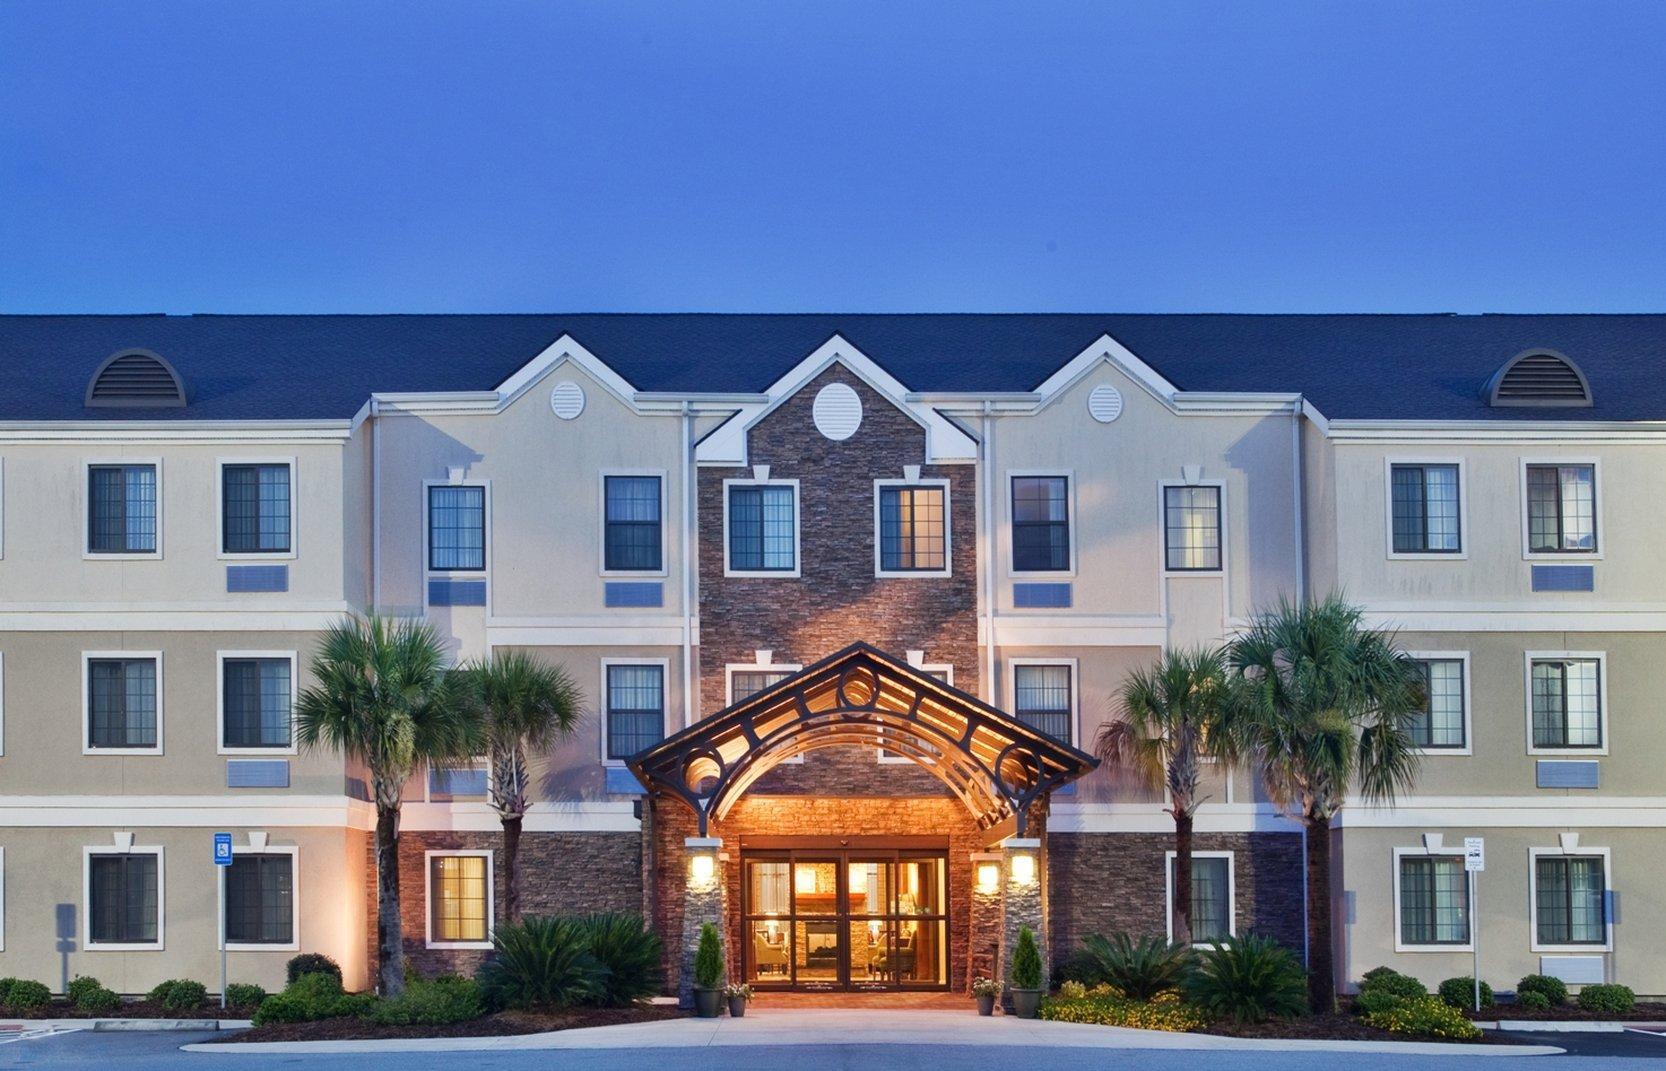 Staybridge Suites Savannah Airport Pooler